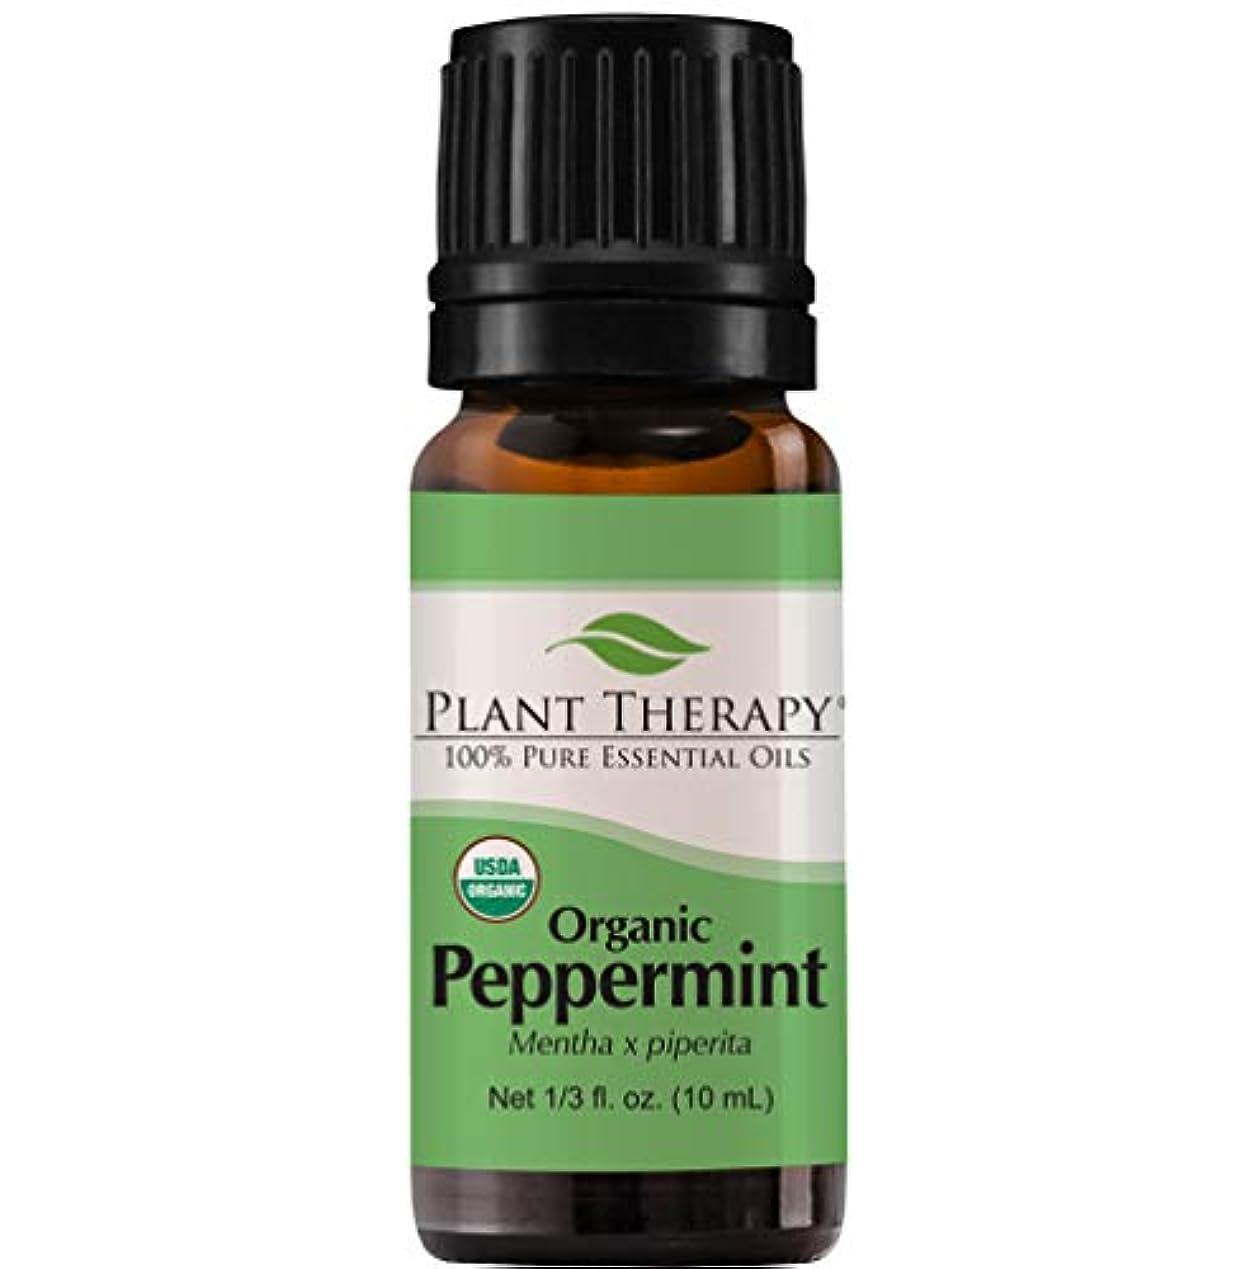 ドラッグカスタムブリリアントPlant Therapy Essential Oils (プラントセラピー エッセンシャルオイル) オーガニック ペパーミント エッセンシャルオイル